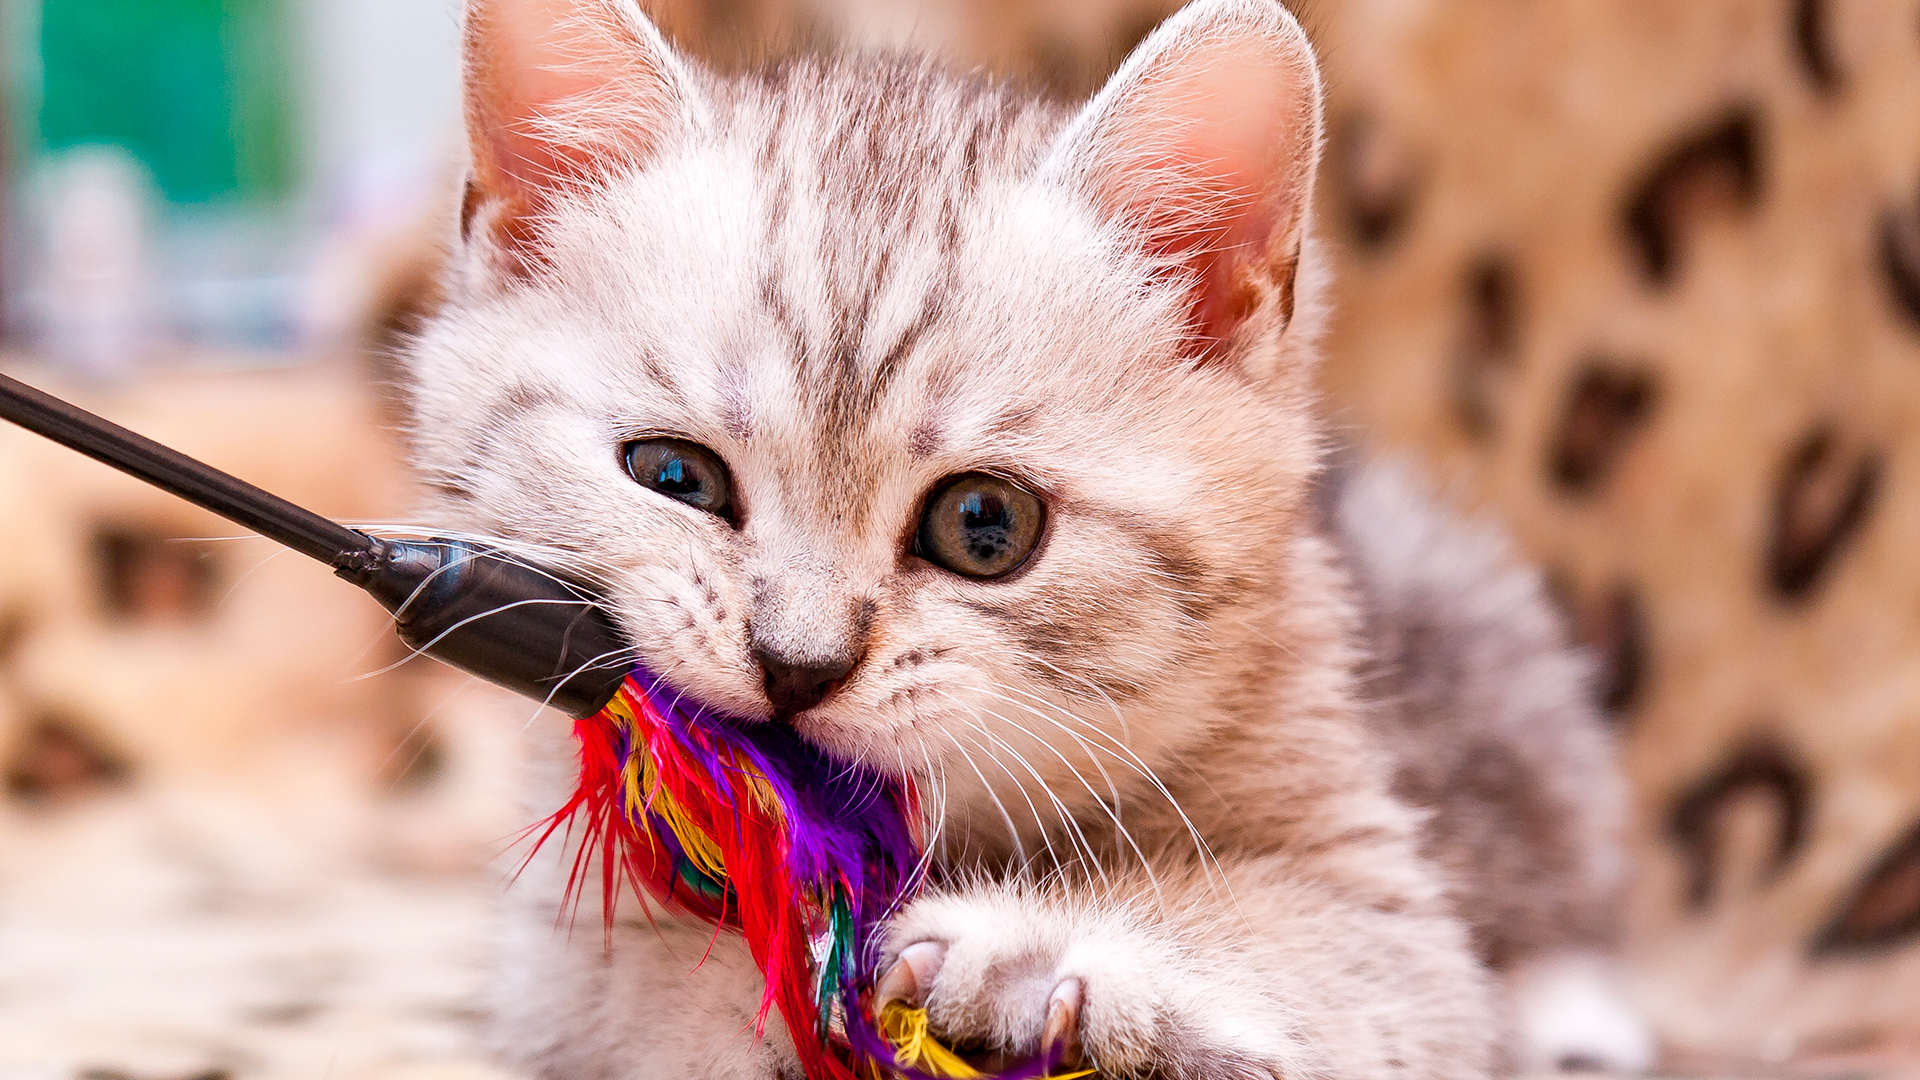 Os gatinhos emitem sinais antes de morder.